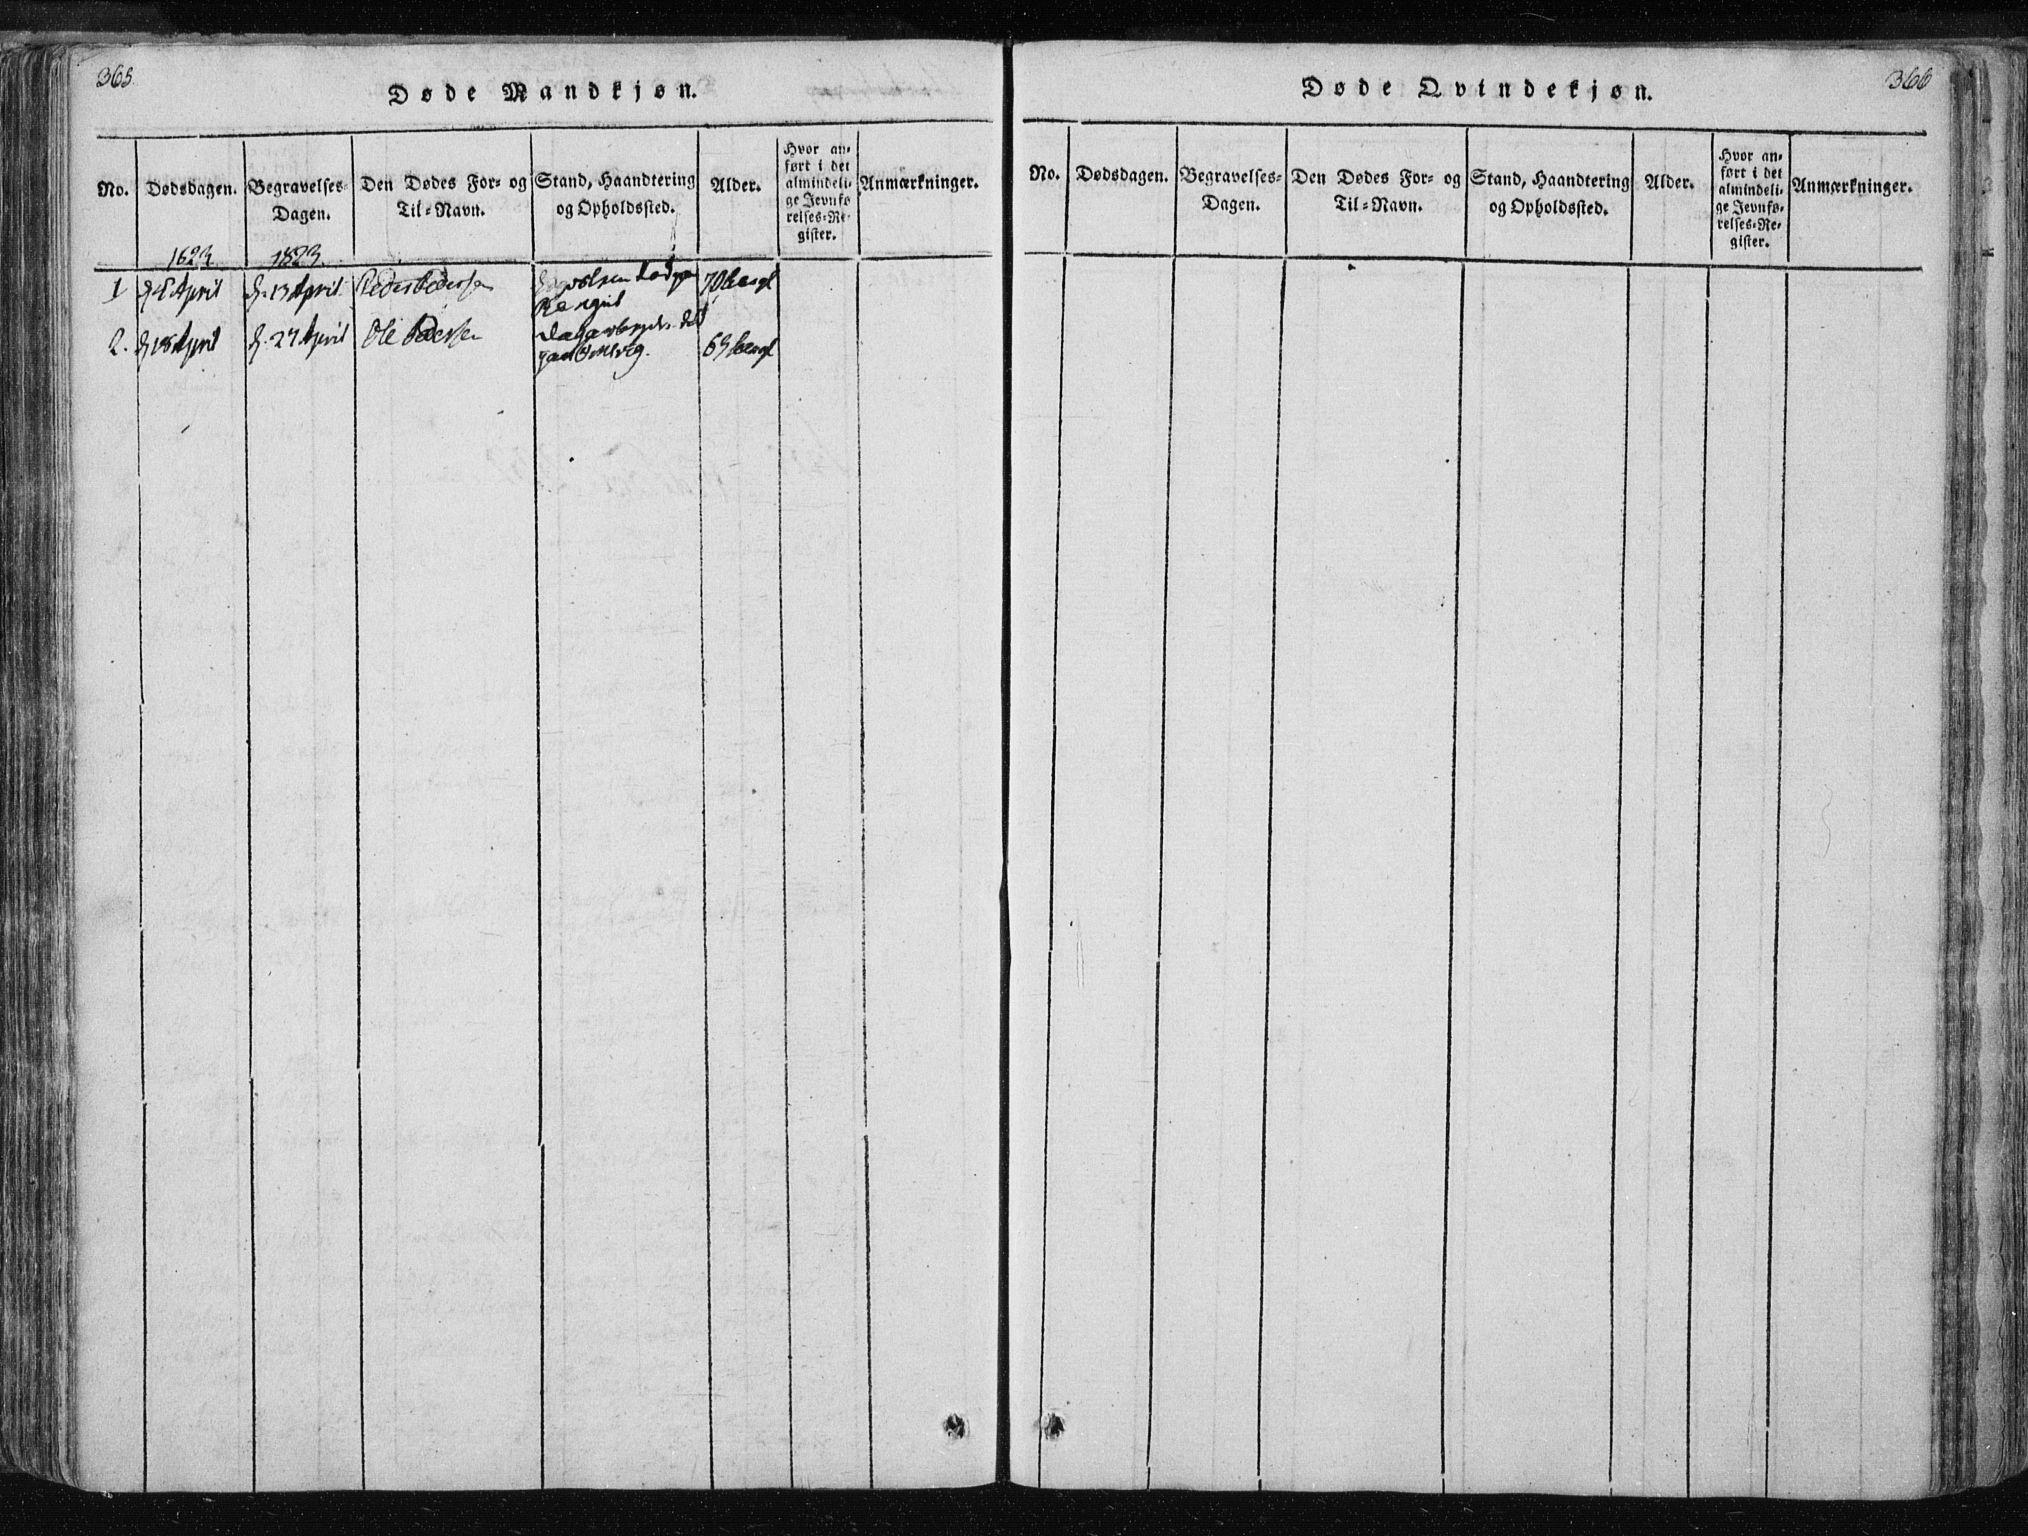 SAT, Ministerialprotokoller, klokkerbøker og fødselsregistre - Nord-Trøndelag, 717/L0148: Ministerialbok nr. 717A04 /3, 1816-1825, s. 365-366